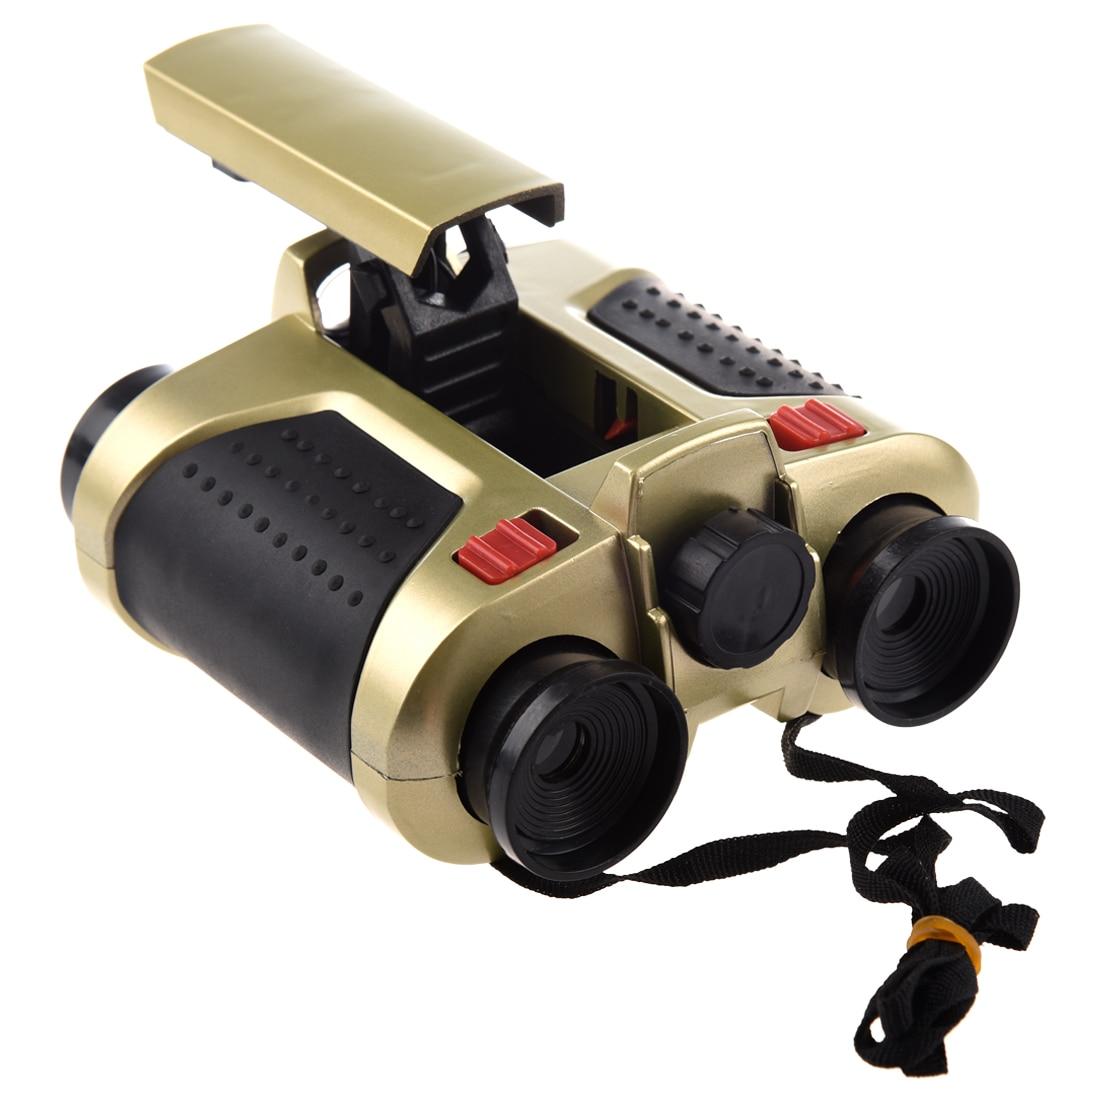 Useful 4x30 Night Scope font b Binoculars b font w POP Up Light